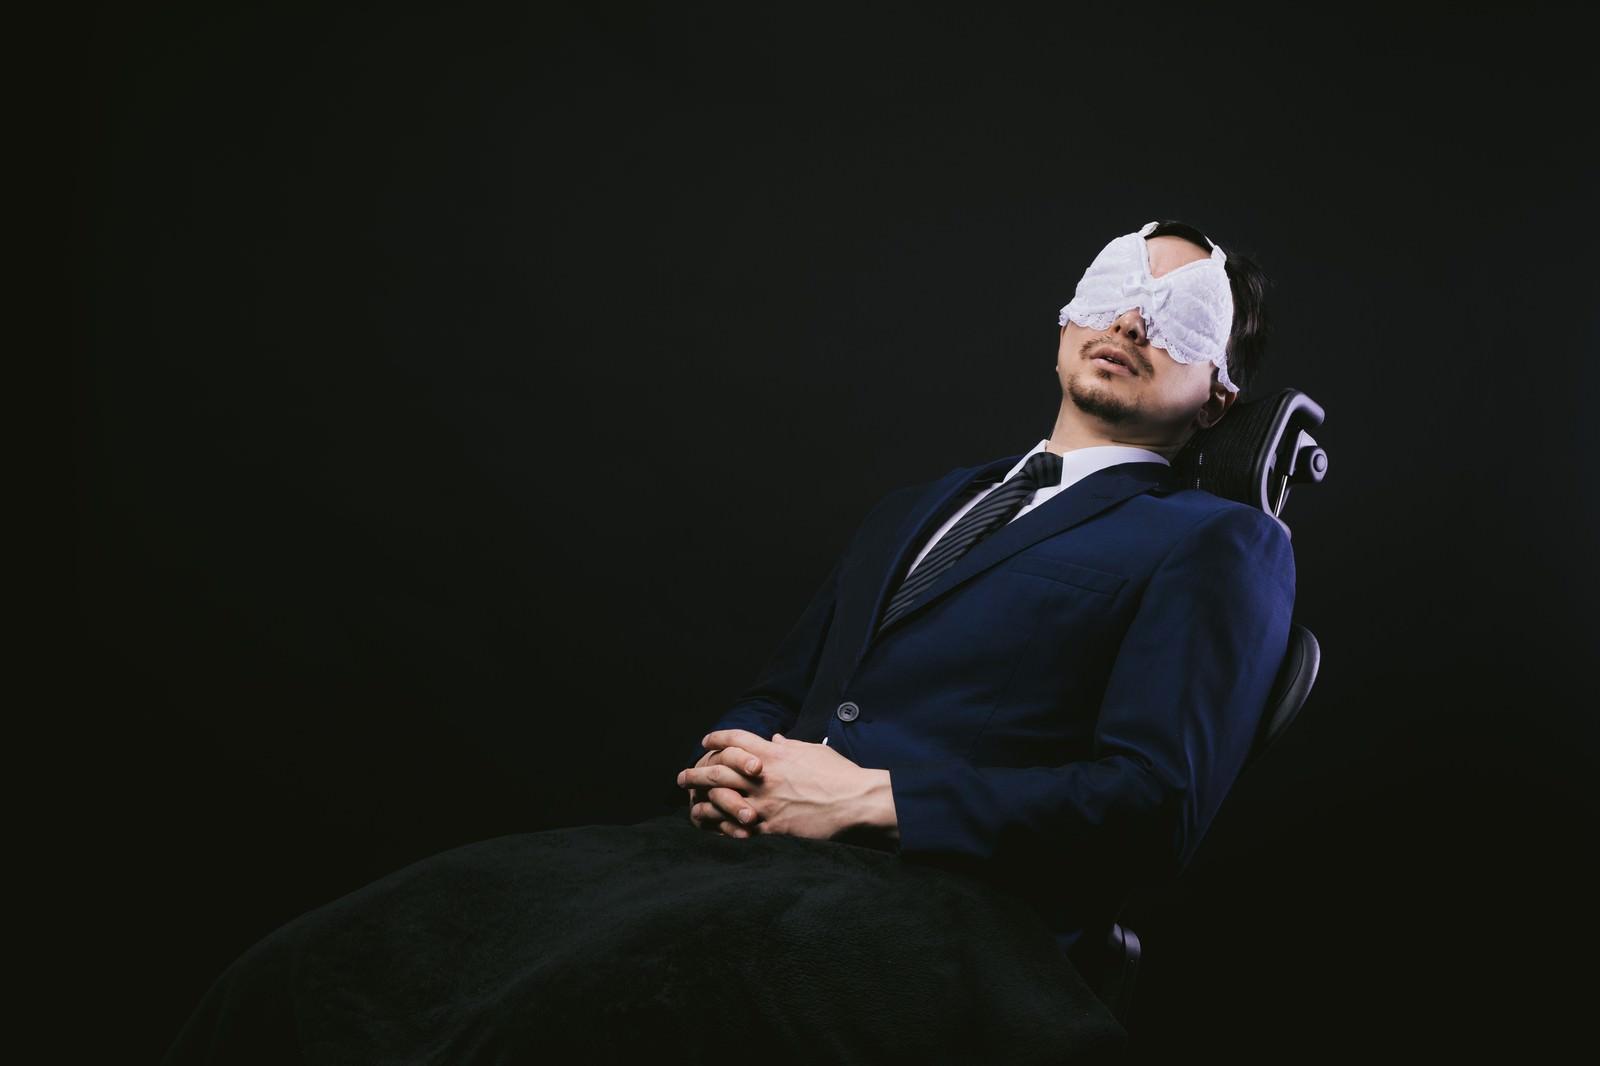 「業務中にレースのアイマスクを装着して仮眠を取るサラリーマン」の写真[モデル:Max_Ezaki]